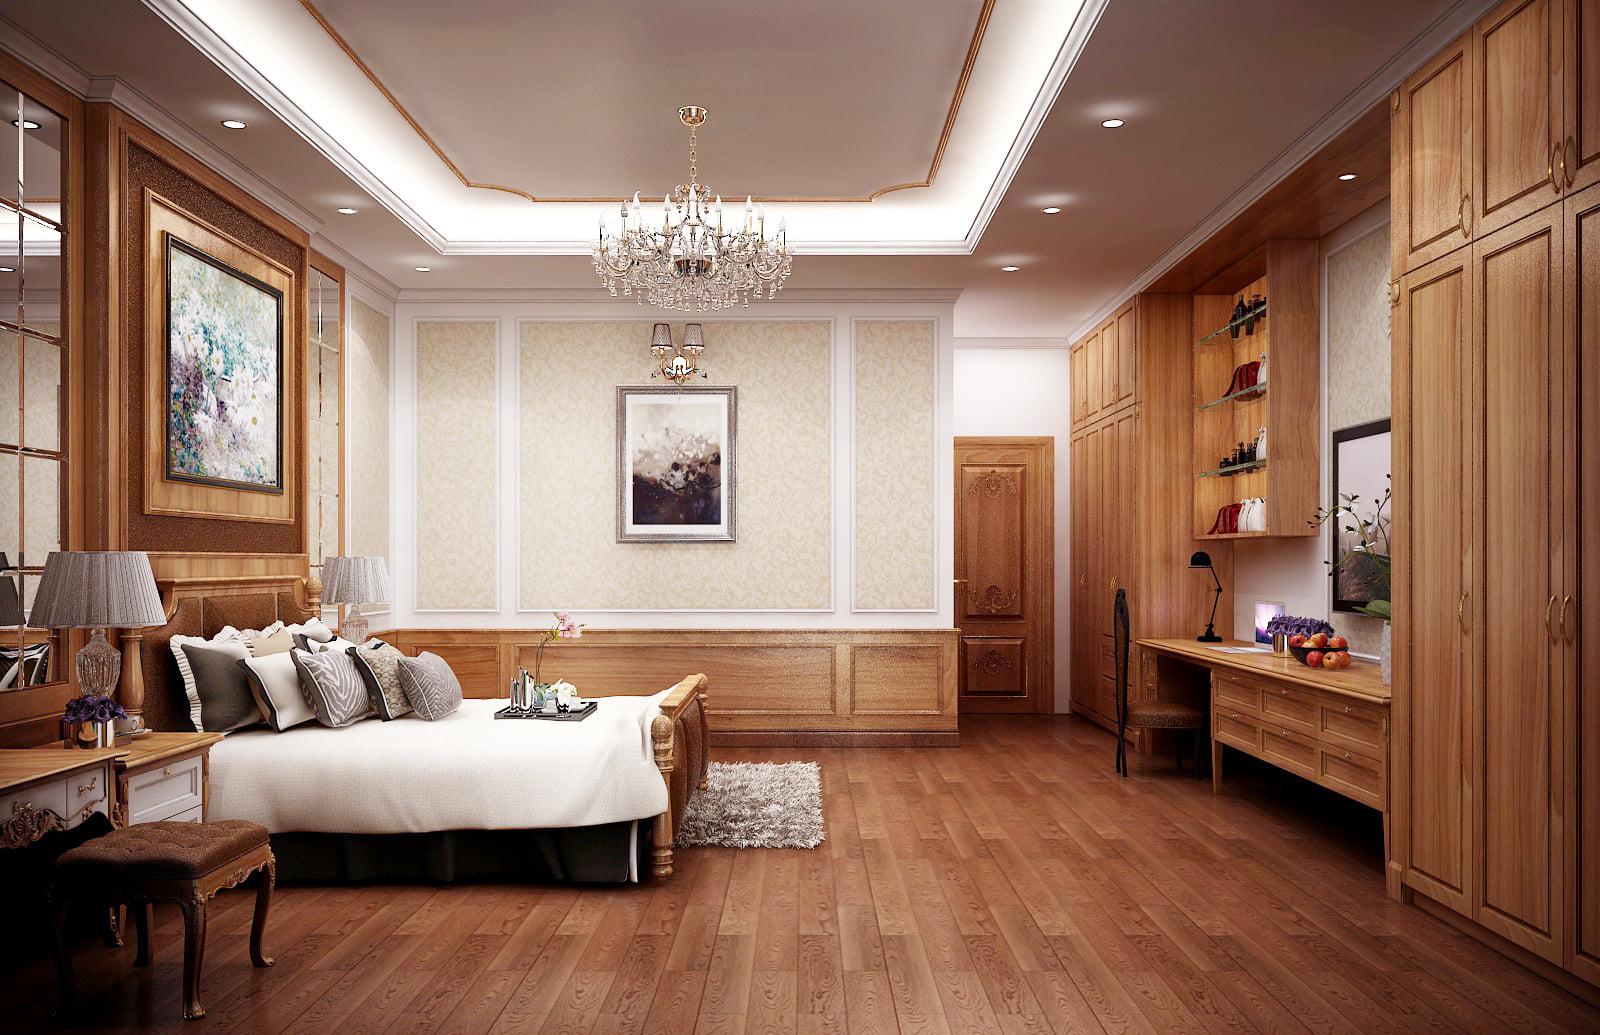 TOP thiết kế phòng ngủ kết hợp phòng làm việc hiện đại